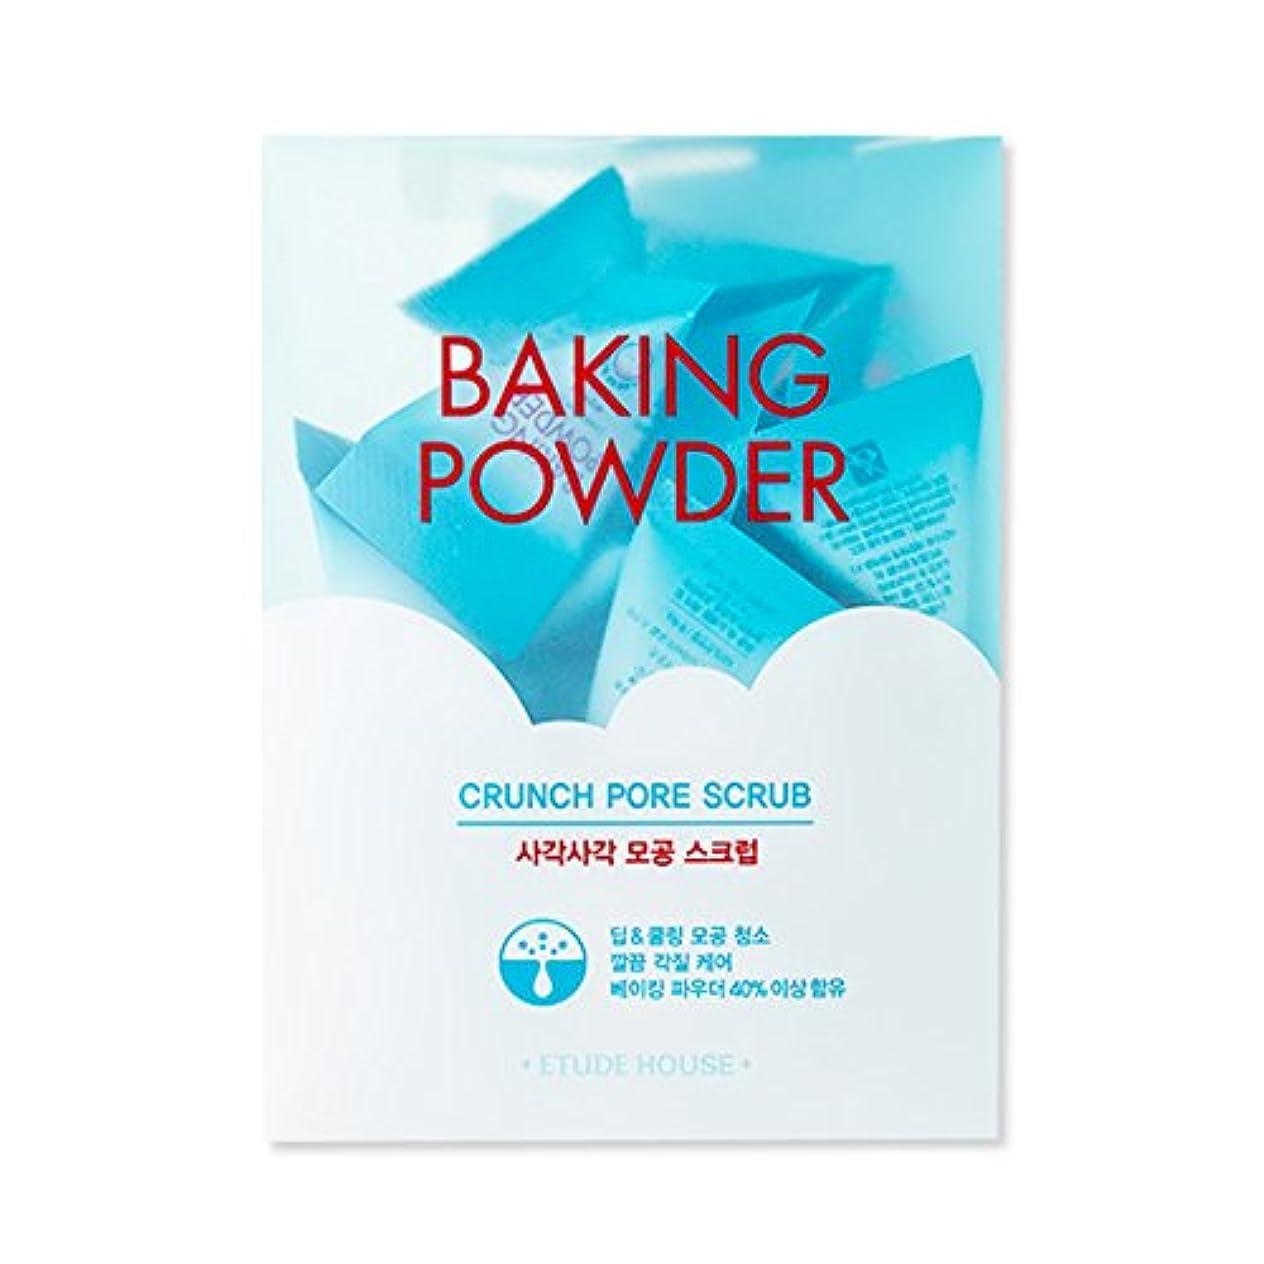 タオル失敗ナプキン[2016 Upgrade!] ETUDE HOUSE Baking Powder Crunch Pore Scrub 7g×24ea/エチュードハウス ベーキング パウダー クランチ ポア スクラブ 7g×24ea [並行輸入品]